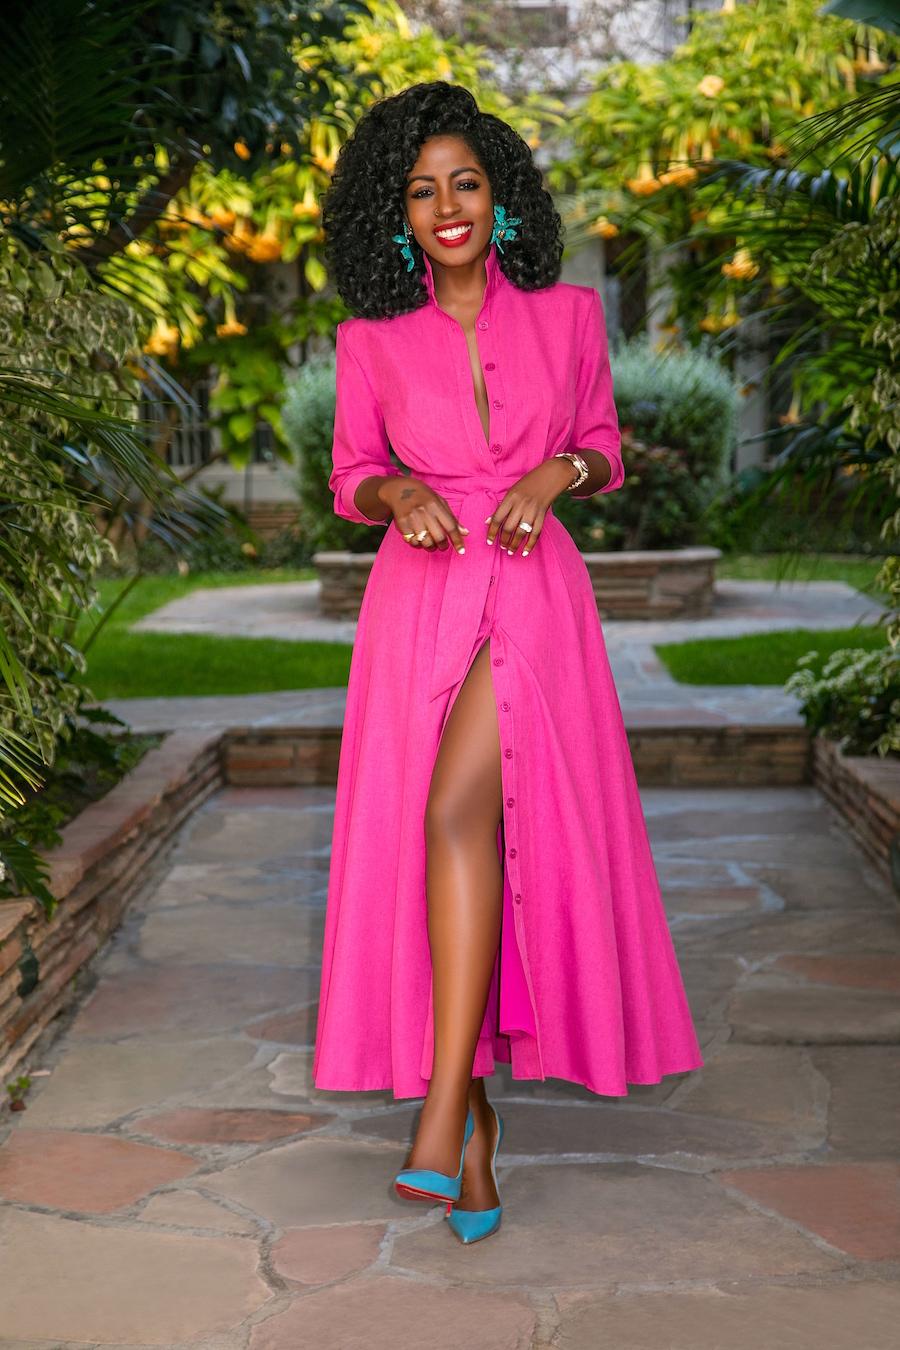 1612584559 660 echa un vistazo a las opciones para comprar y 30 - 40 modelos de vestidos rosas para un look que no pasa desapercibido